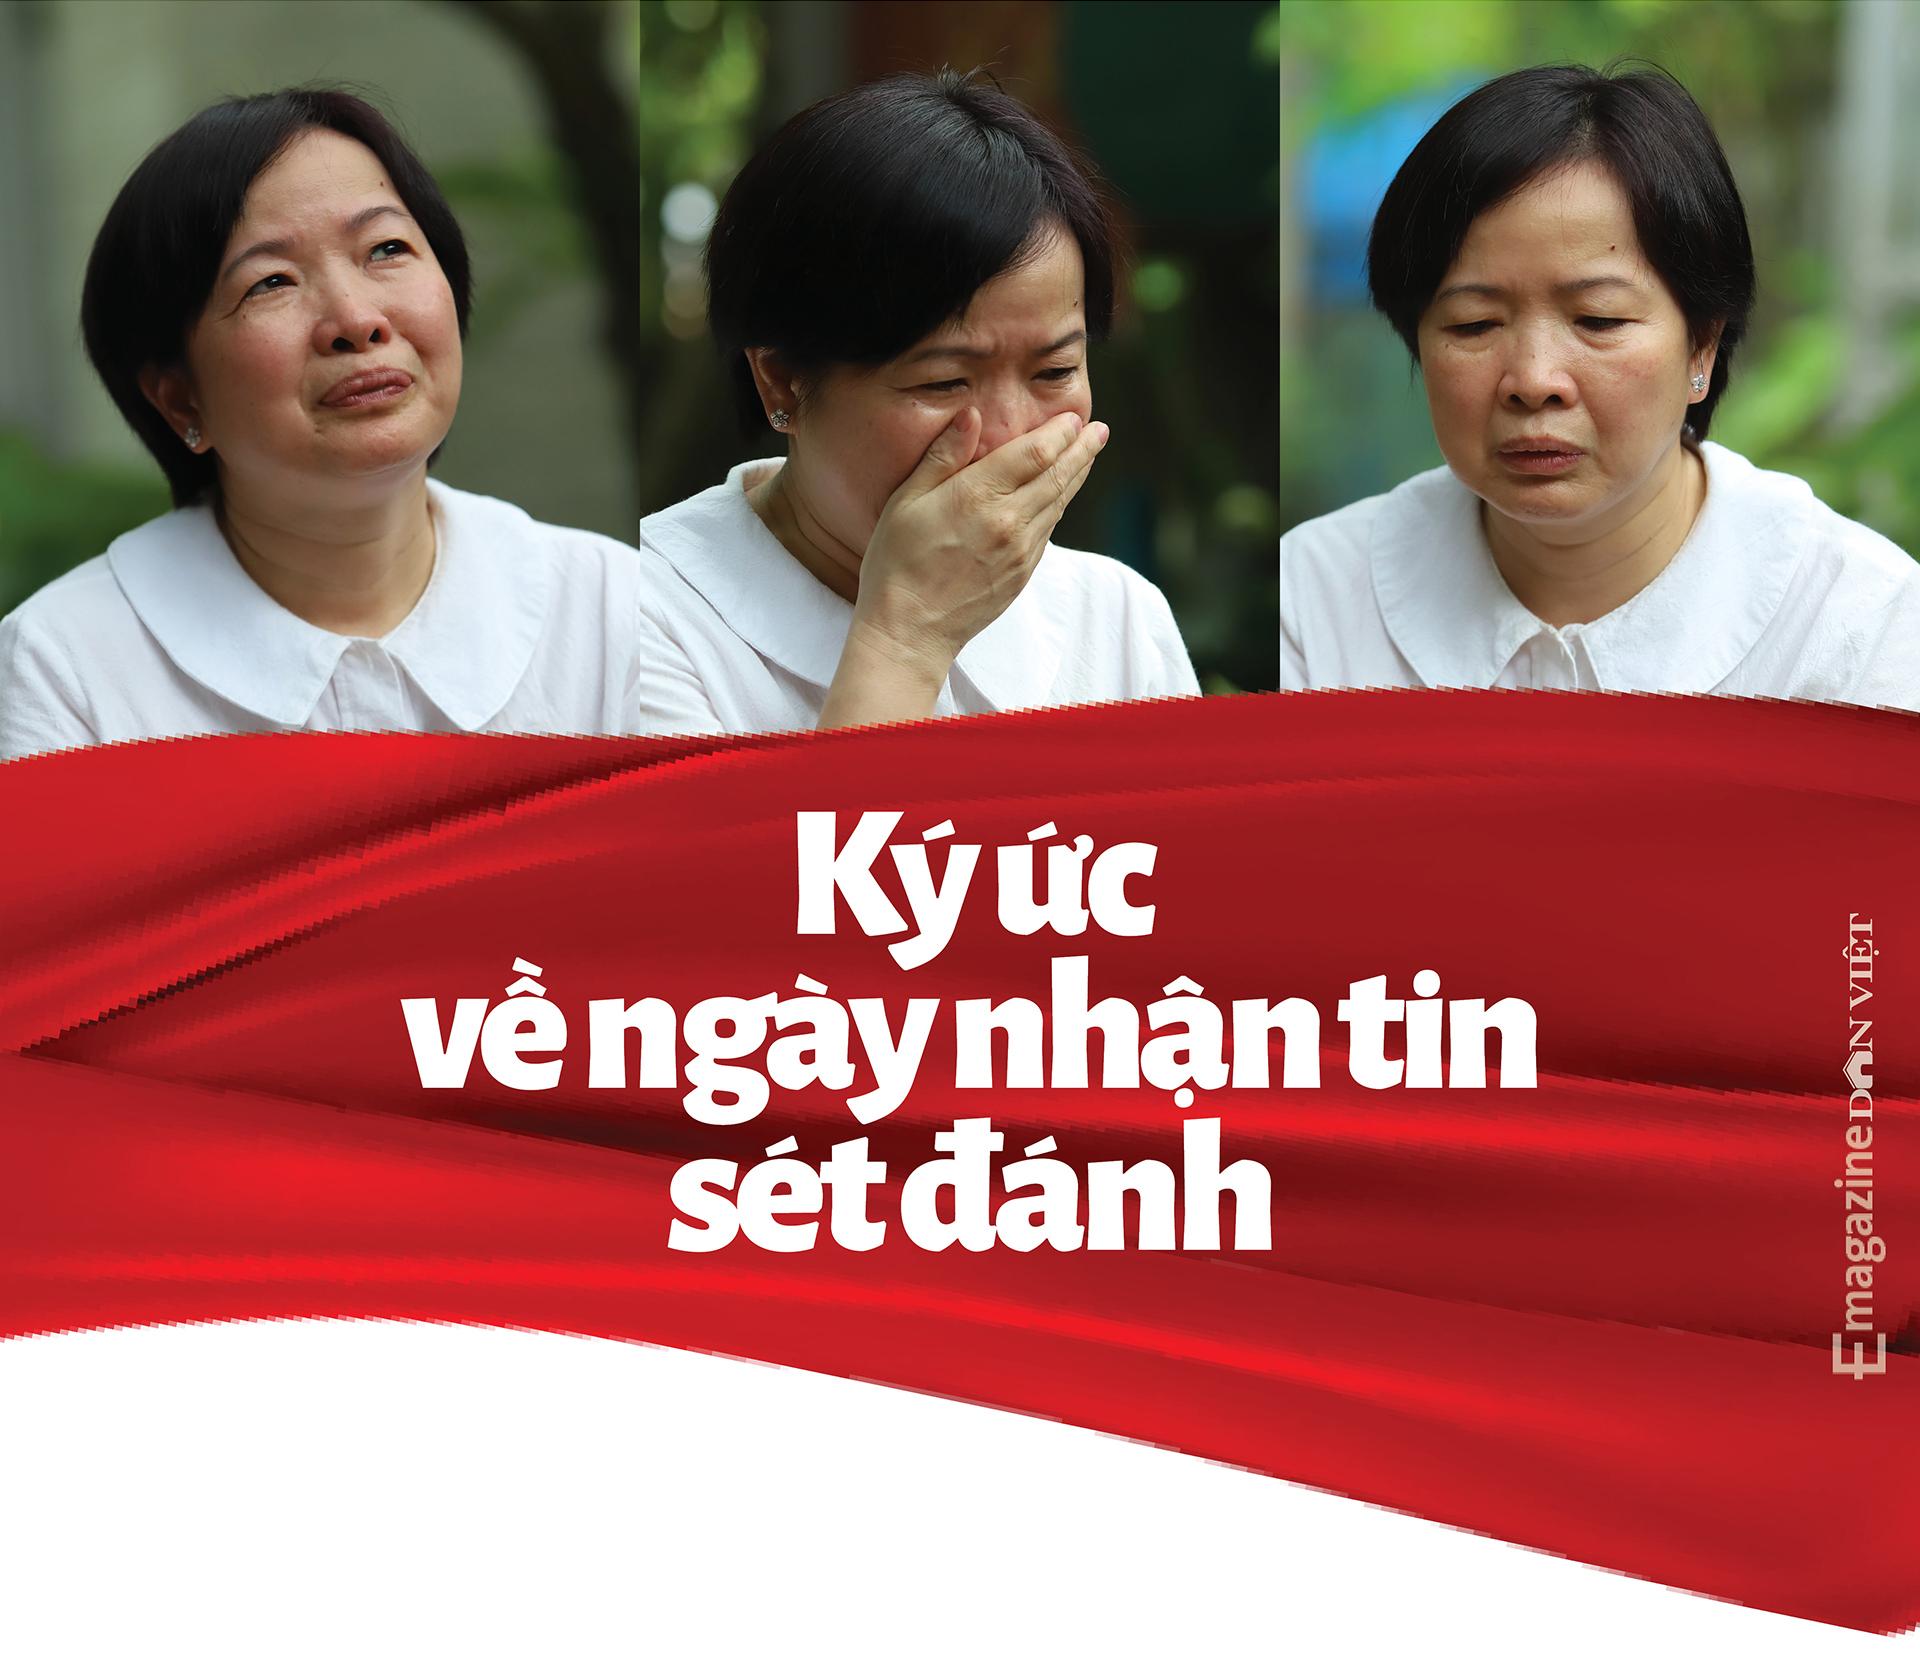 """Bà mẹ Việt Nam Anh hùng trẻ nhất nước Nguyễn Thị Anh: """"Nỗi đau mất con thời nào cũng thế"""" - Ảnh 9."""